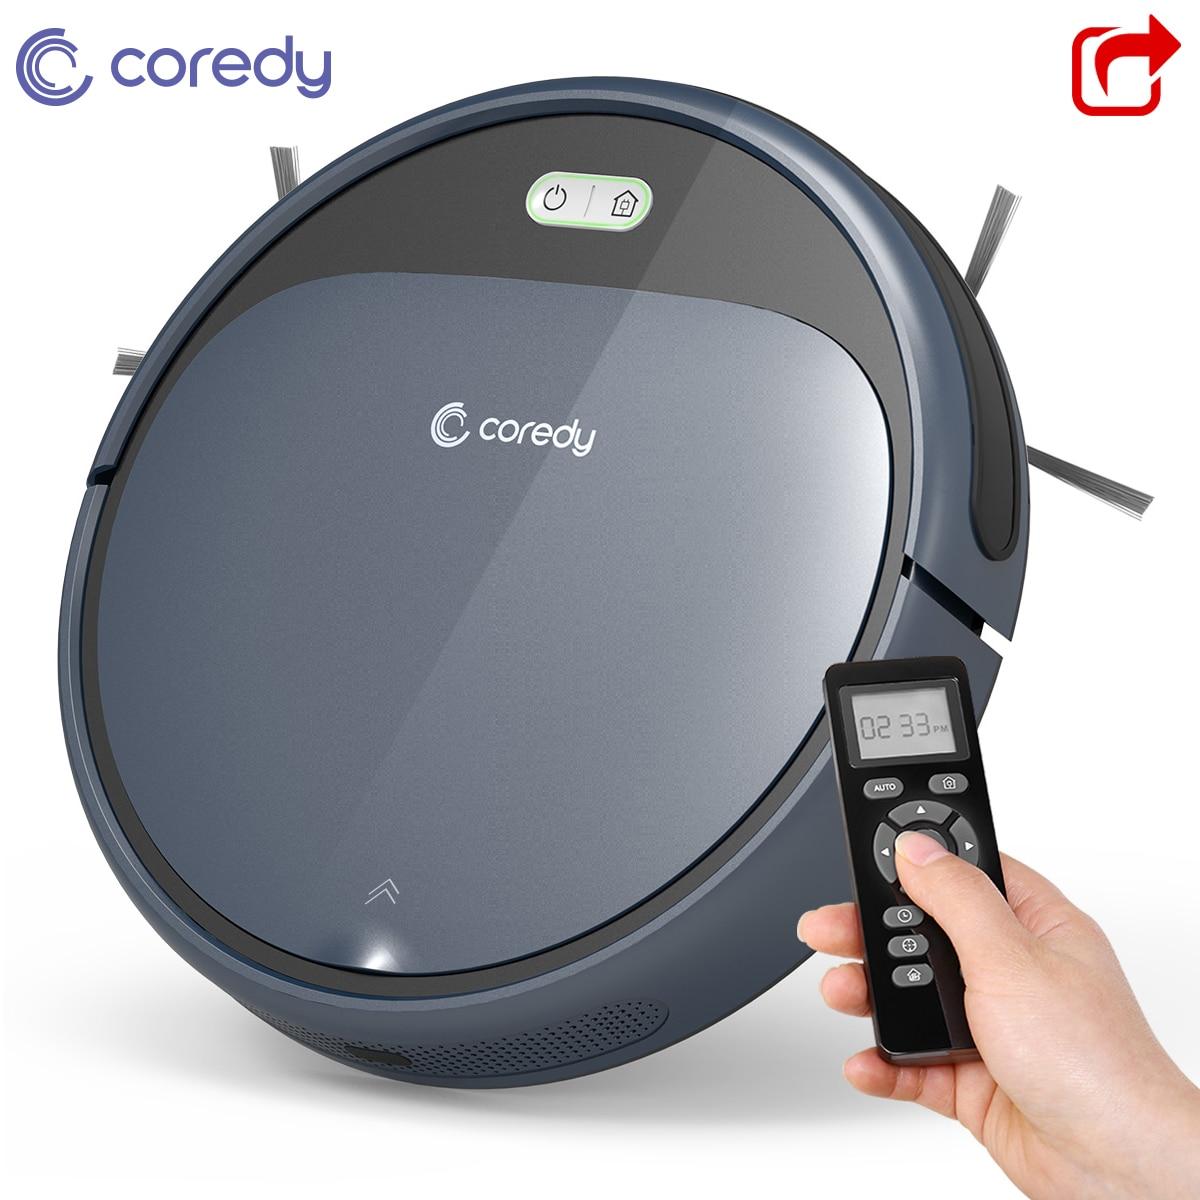 Coredy R300 1400PA Casa Inteligente Limpo Robô automático aspirador de Pó sem fio Aspirador de pó Tapete Do Assoalho Limpeza aspirador de po